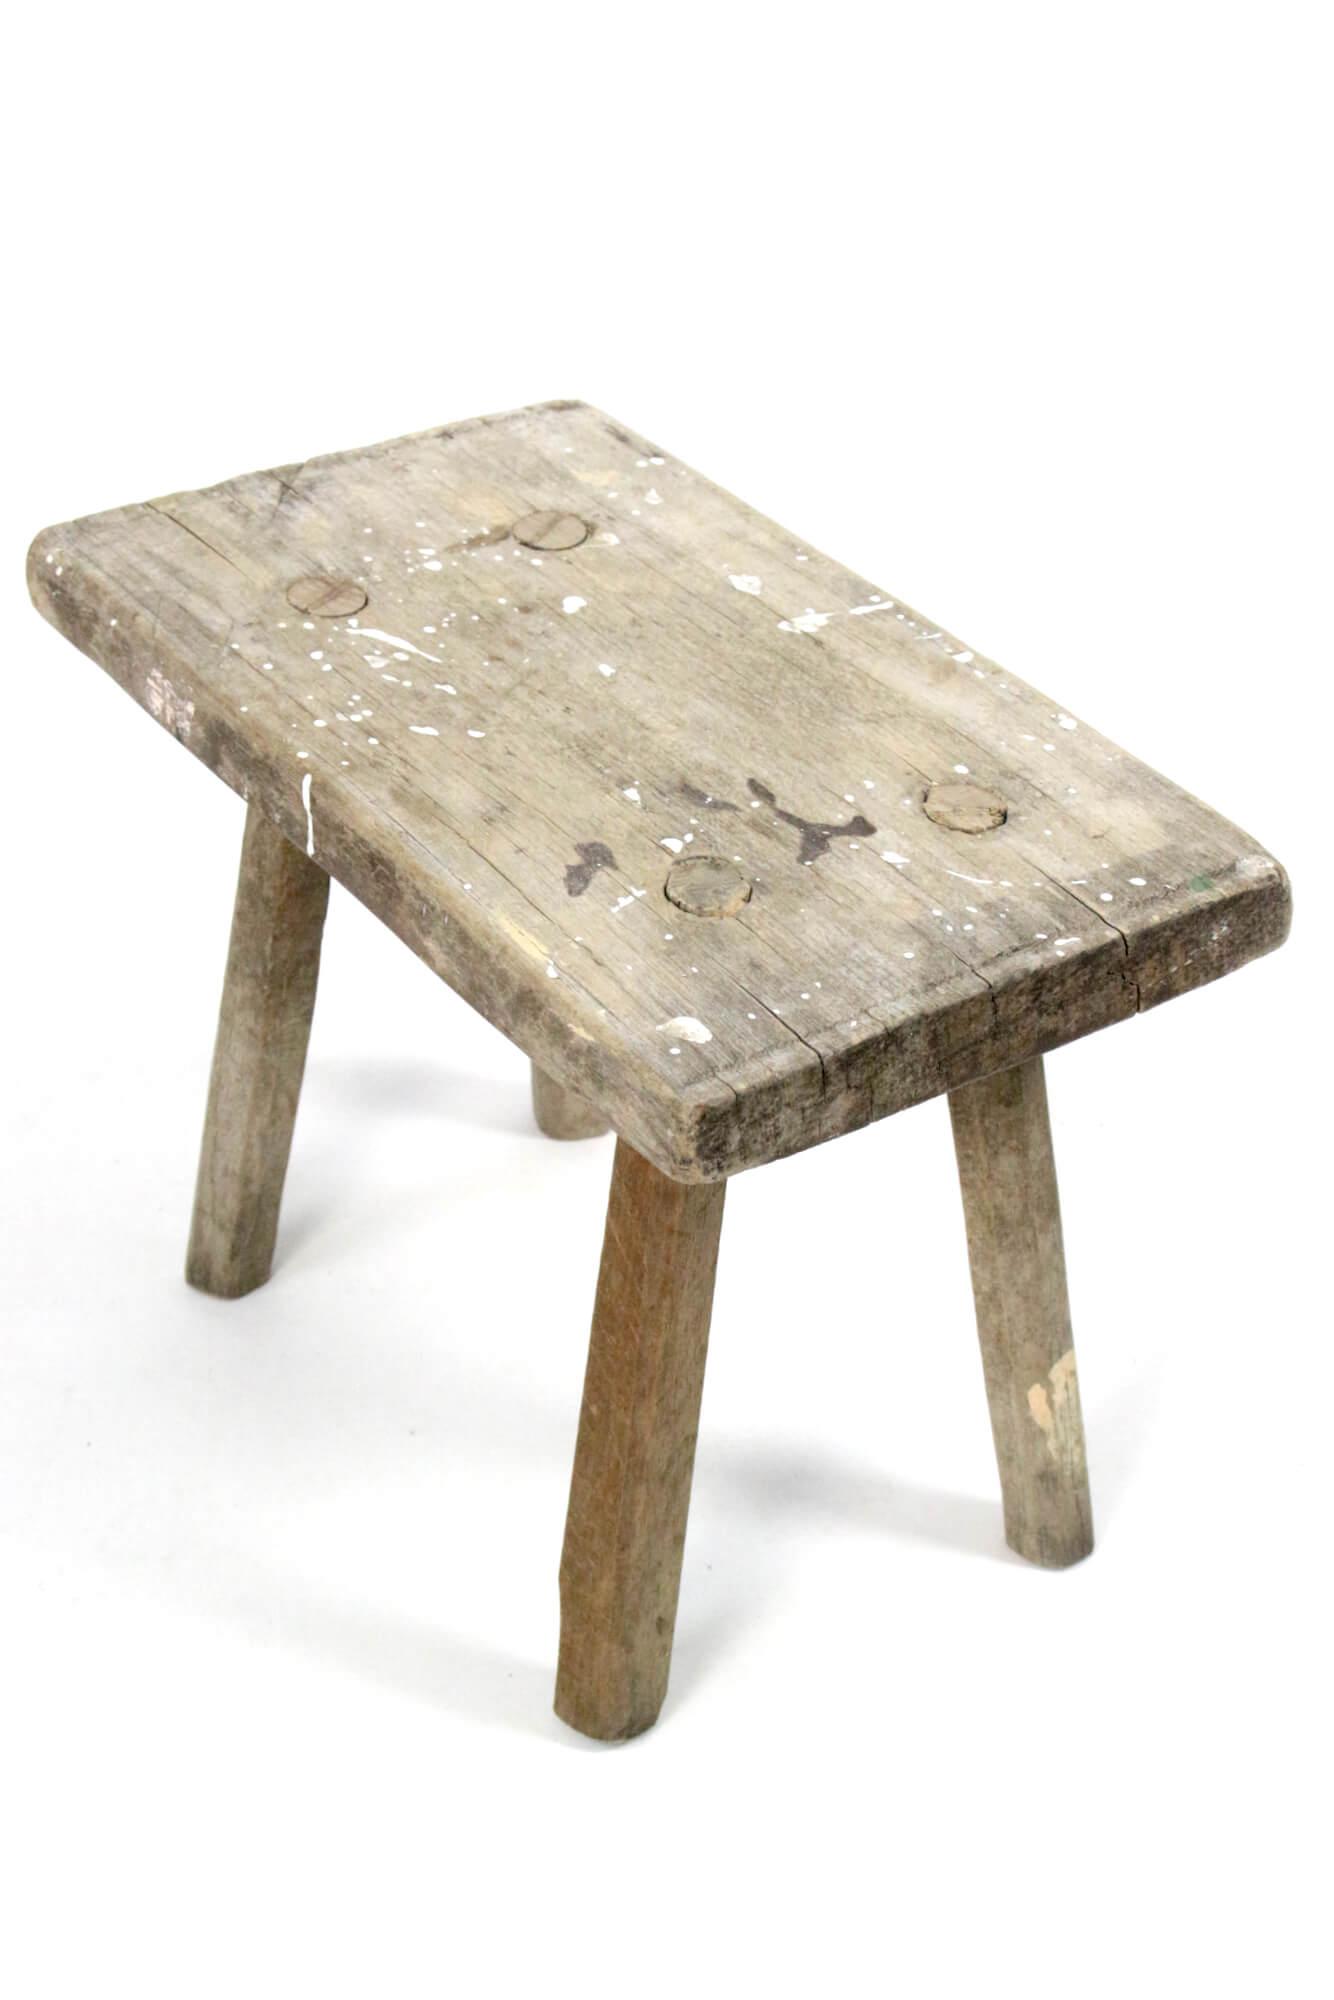 Antiker Holzschemel rustikal